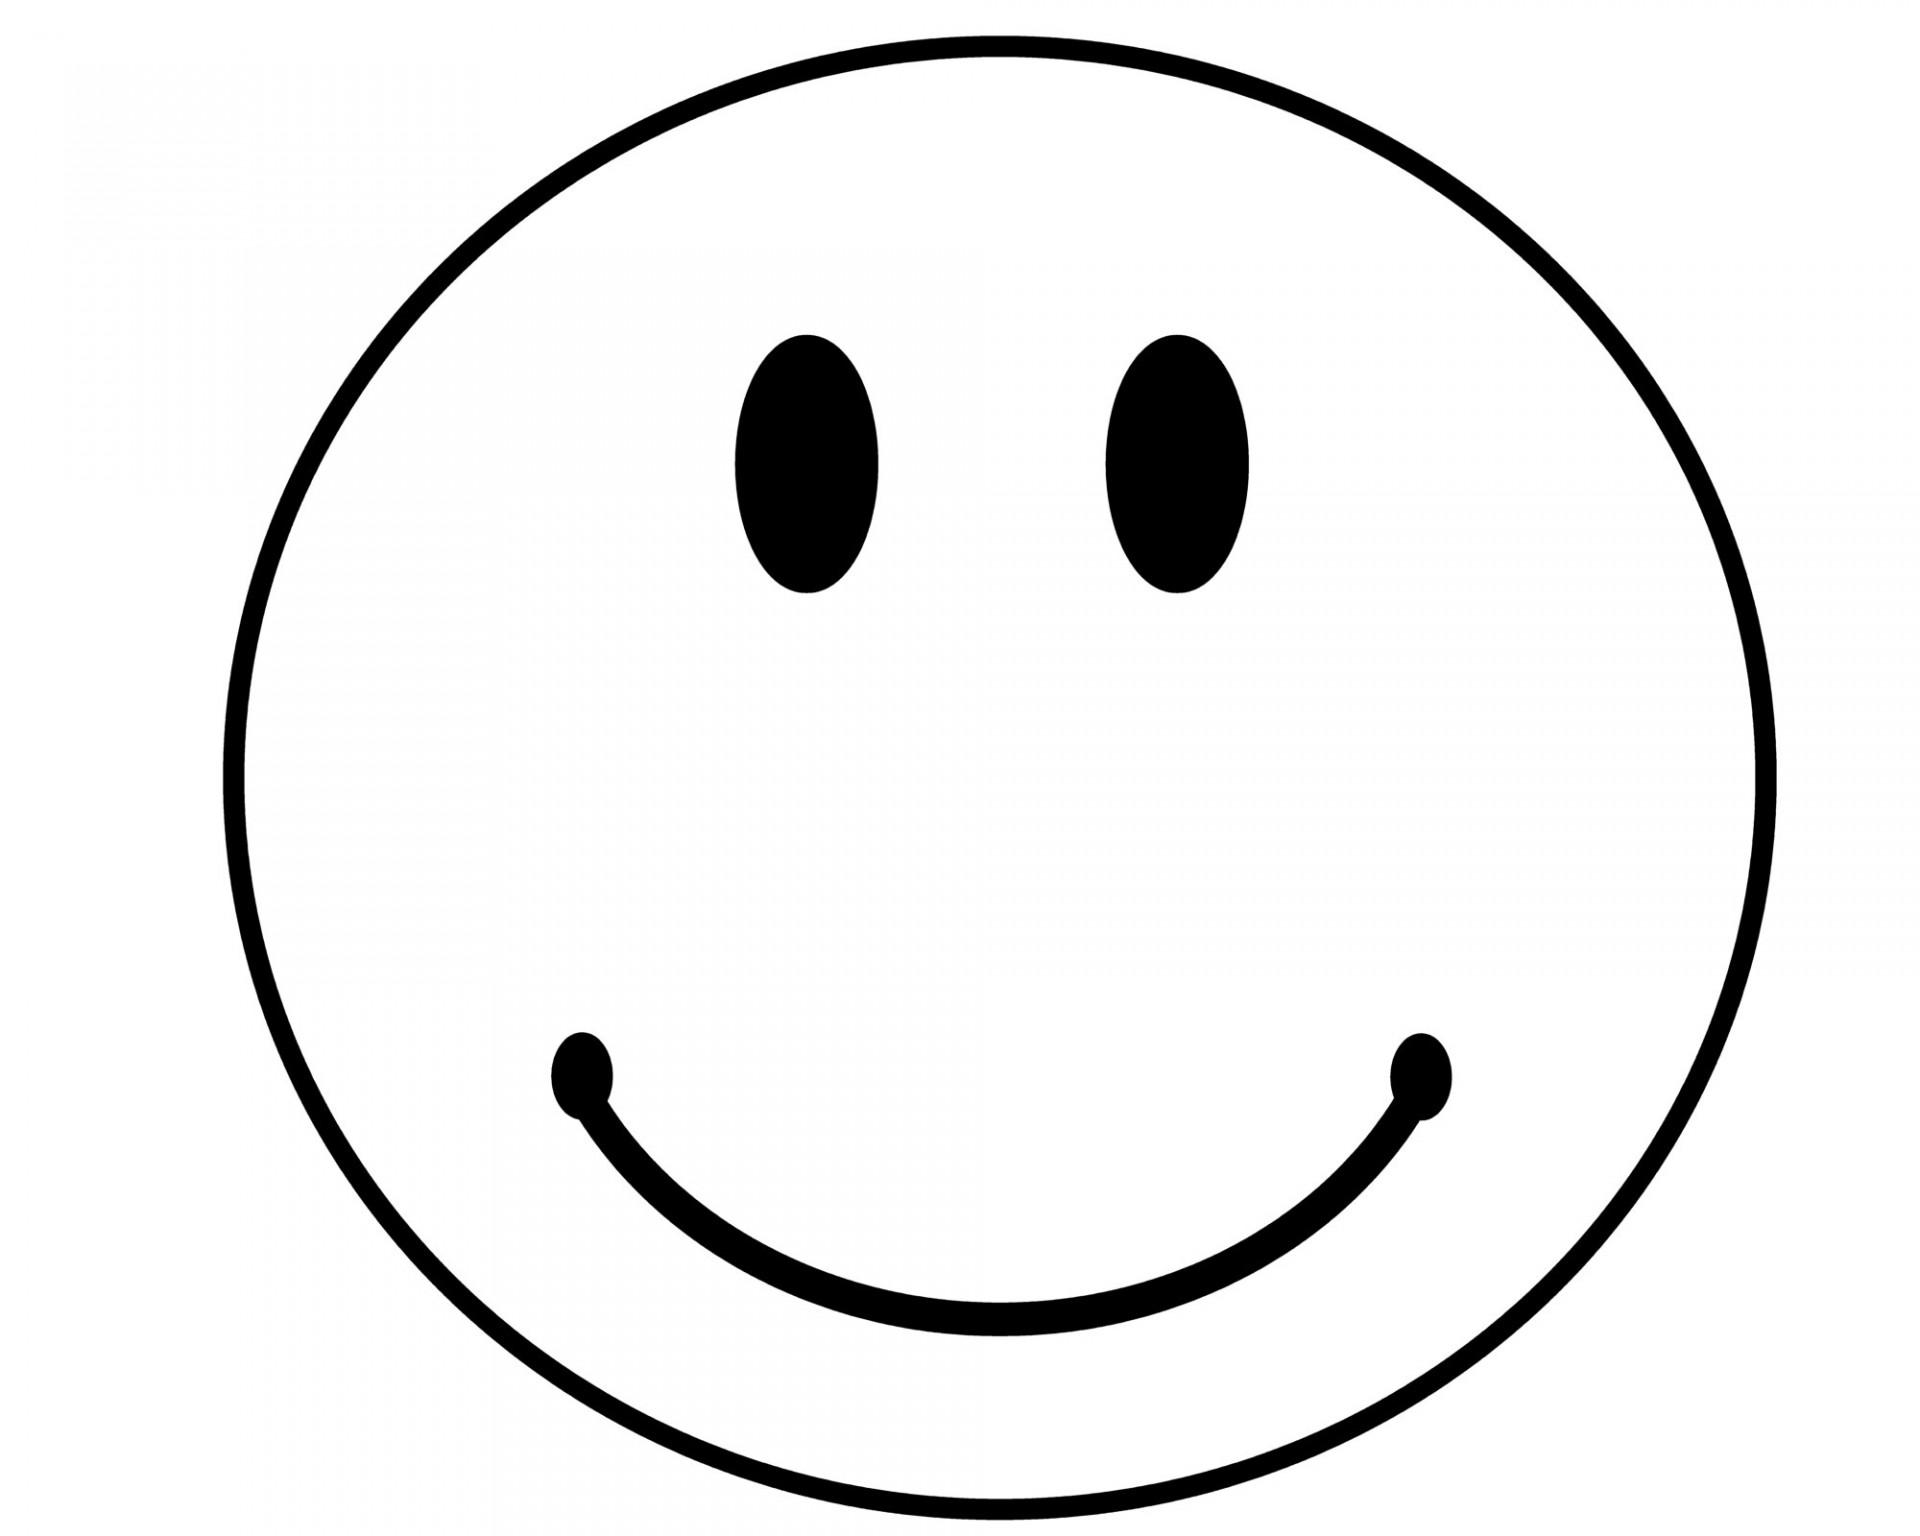 Free clip art smiley face tumundografico